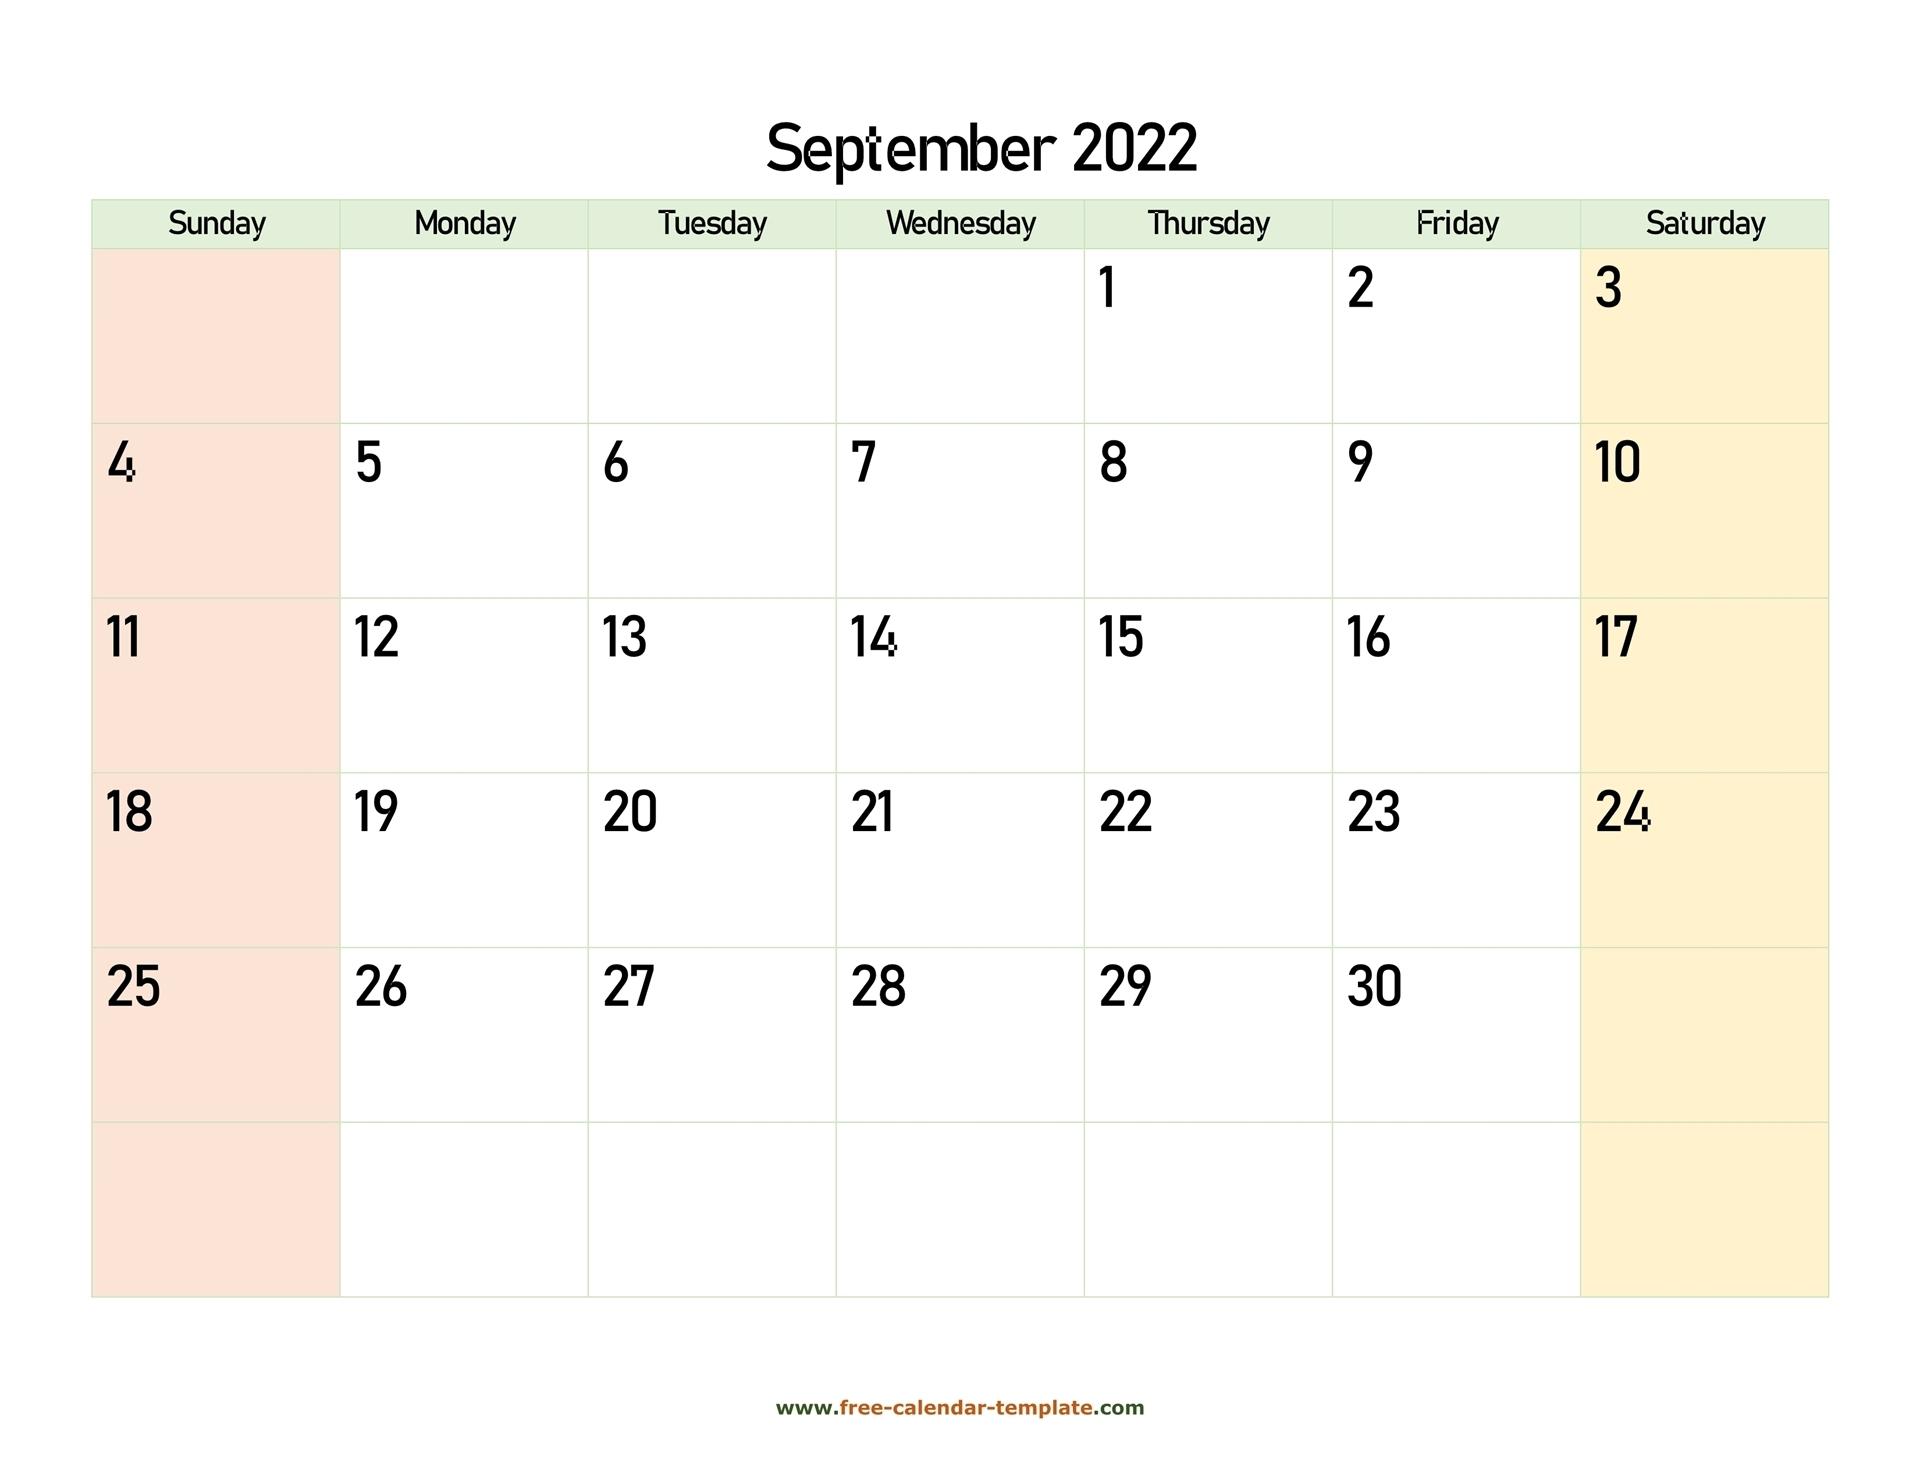 September 2022 Free Calendar Tempplate   Free-Calendar-Template